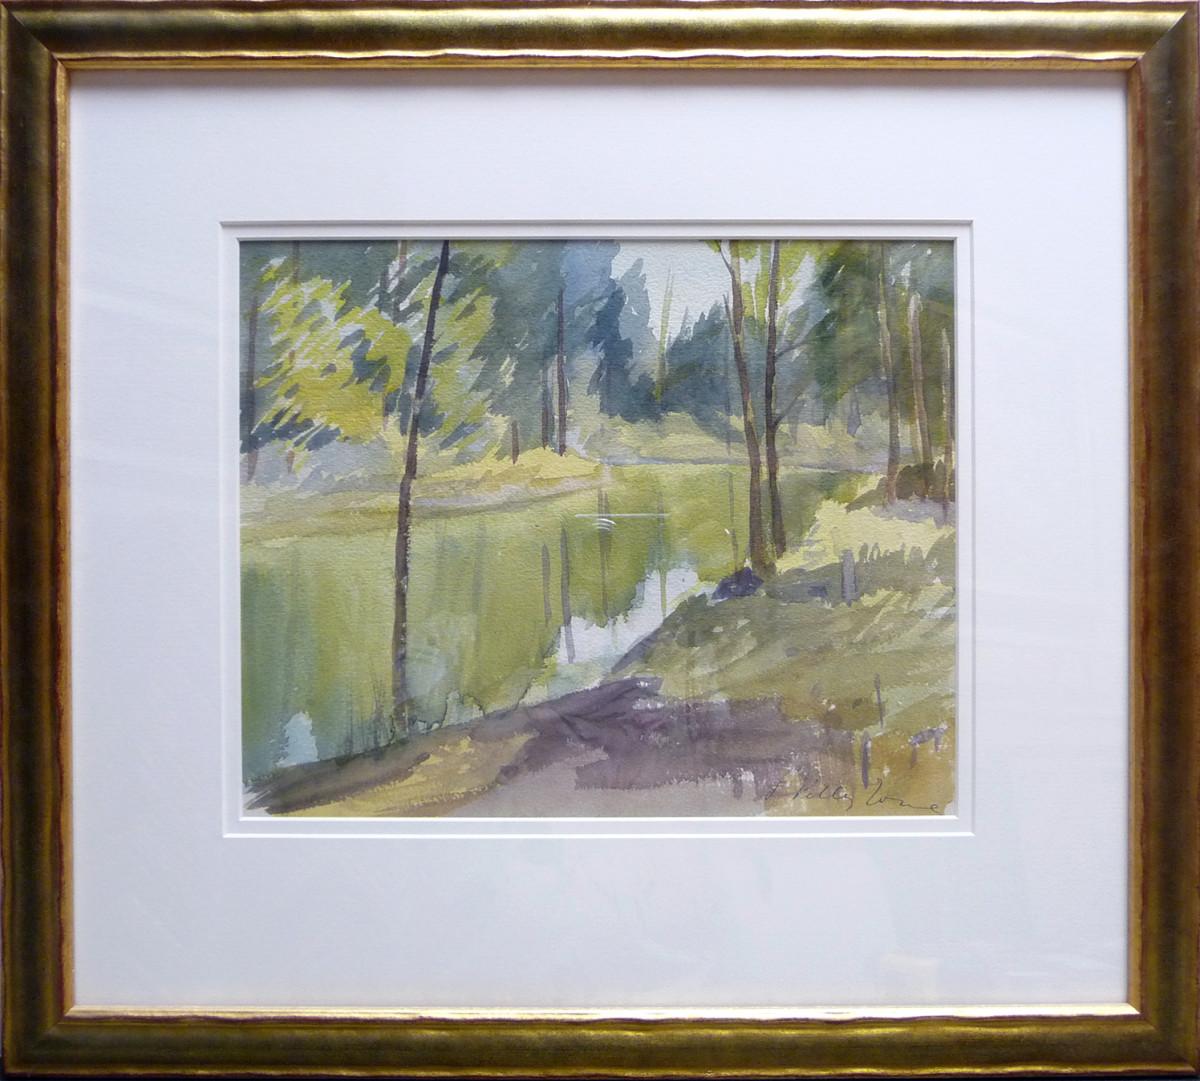 2383 - Whitemud, Edmonton by Llewellyn Petley-Jones (1908-1986)